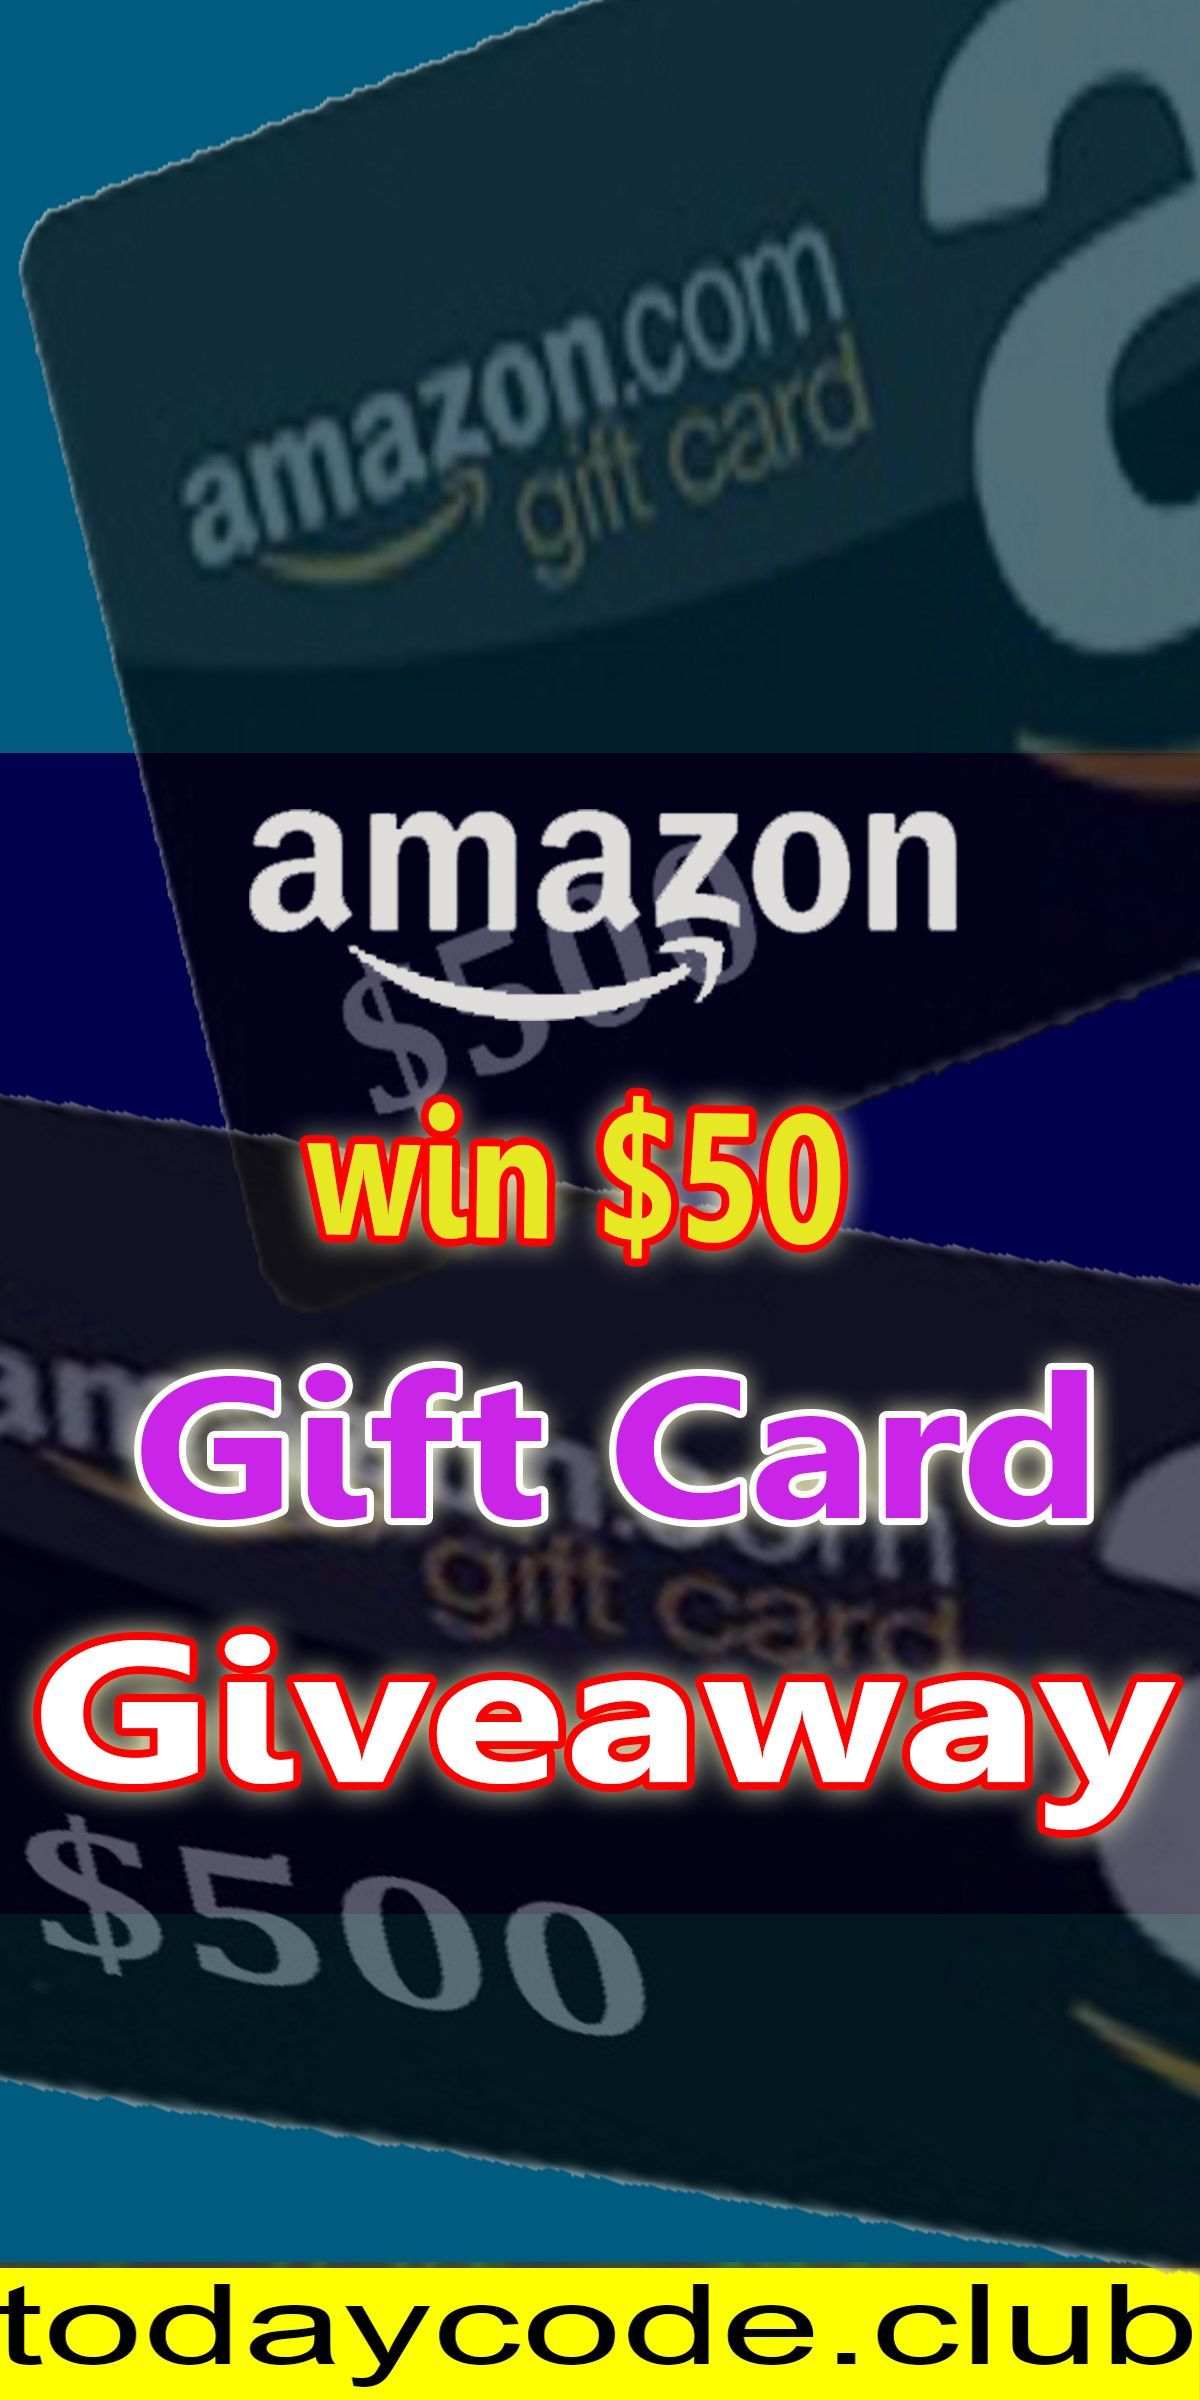 Amazon Gift Card giveaway !!!! -  Amazon Gift Card giveaway !!!! #amazongiftcard #amazongiftcards #amazongiftcardgiveaway #amazongift - #amazon #amazongiftcard #Card #coolbedforboys #freegiftcard #Gift #giftcardluxury #giftcardvoucher #giveaway #simplebedcomforters